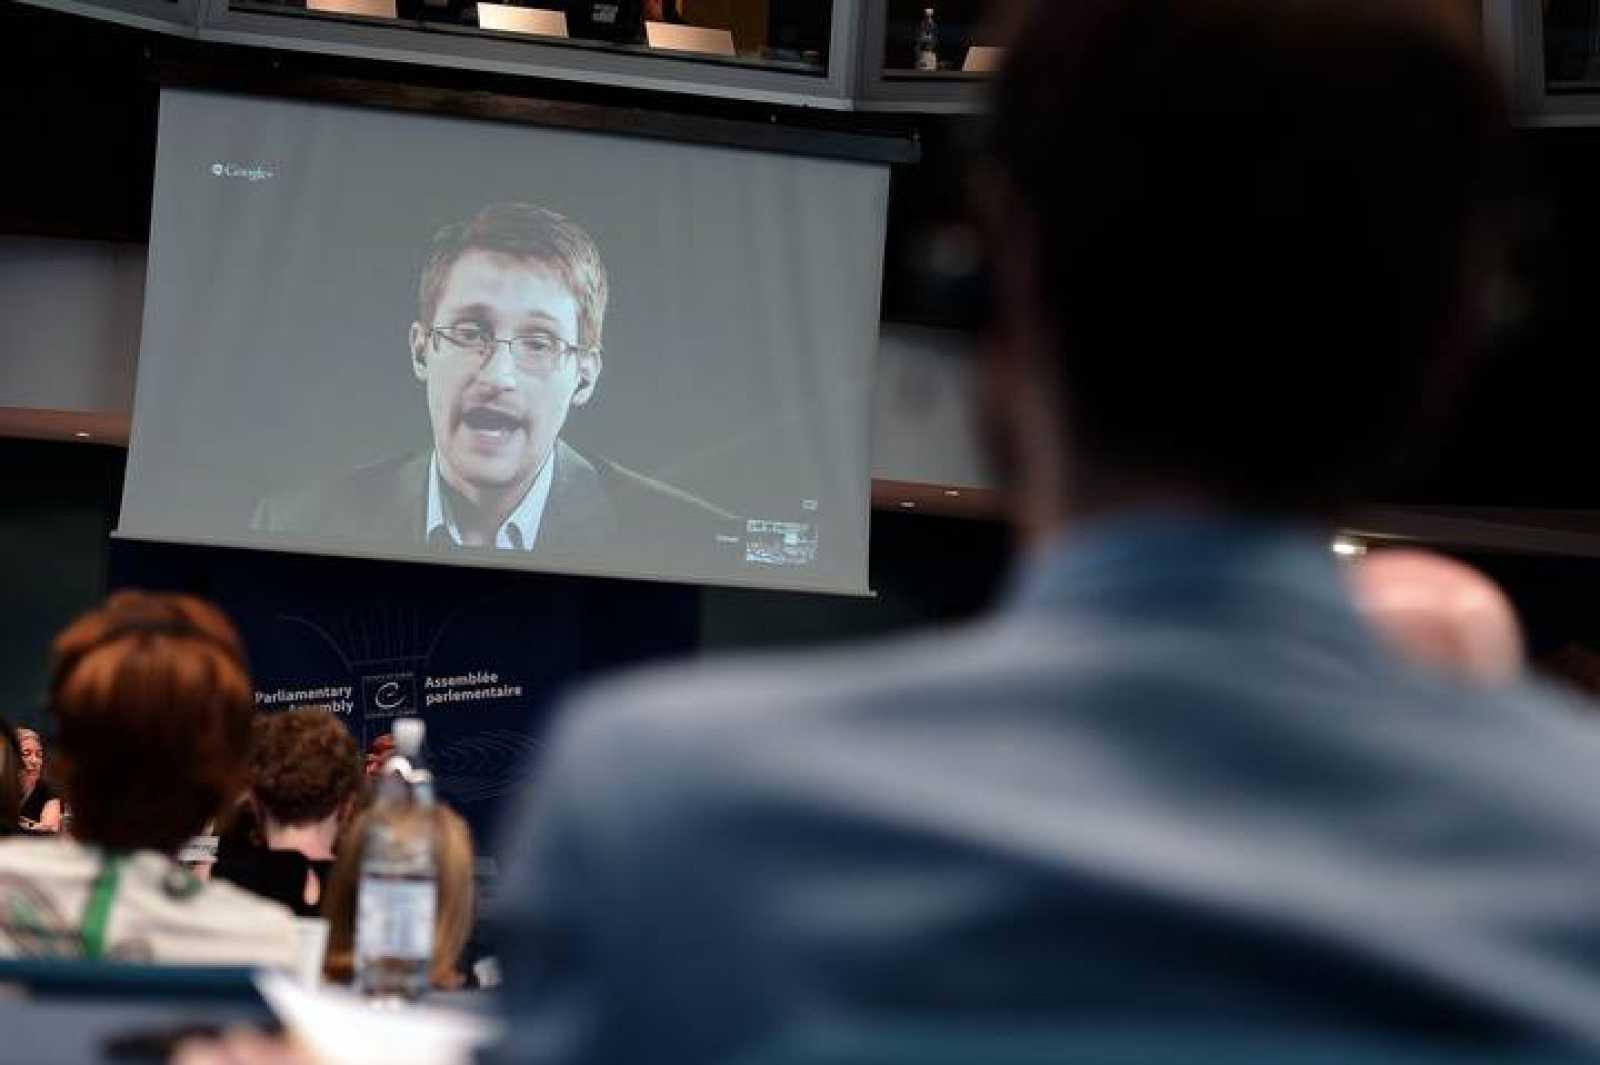 El exagente de la CIA Edward Snowden habla por videoconferencia durante una sesión del Consejo de Europa, el 24 de junio de 2014